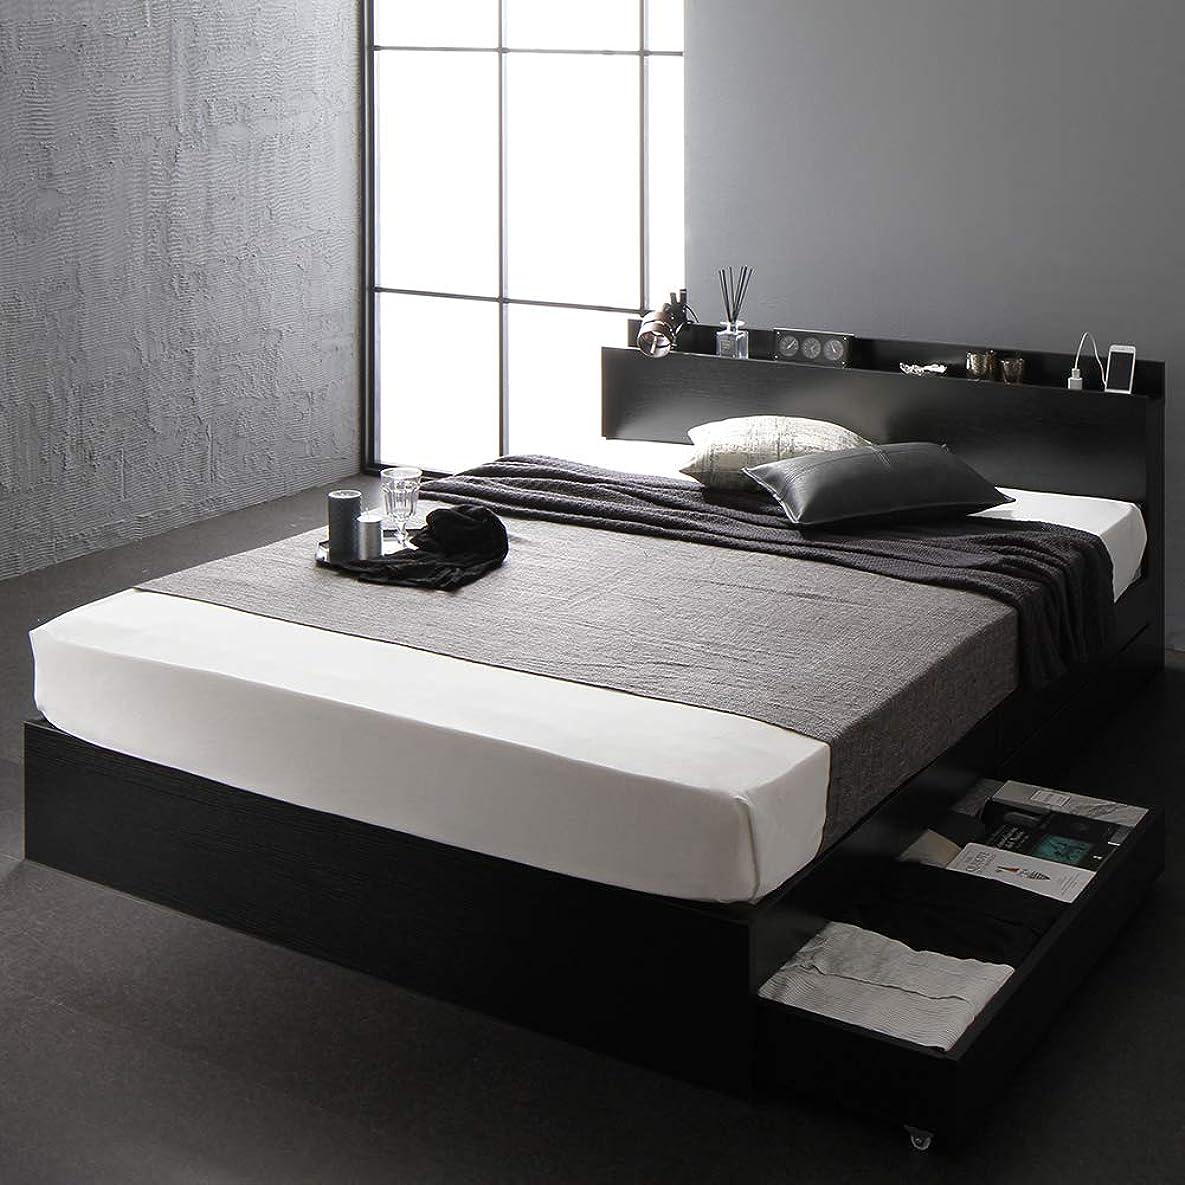 無人企業生産的ベッド 収納付き ダブル ブラック ベッドフレーム ポケットコイルマットレス付き ハイクオリティモダン 木製ベッド キャスター付き 引き出し付き 宮付き コンセント付き